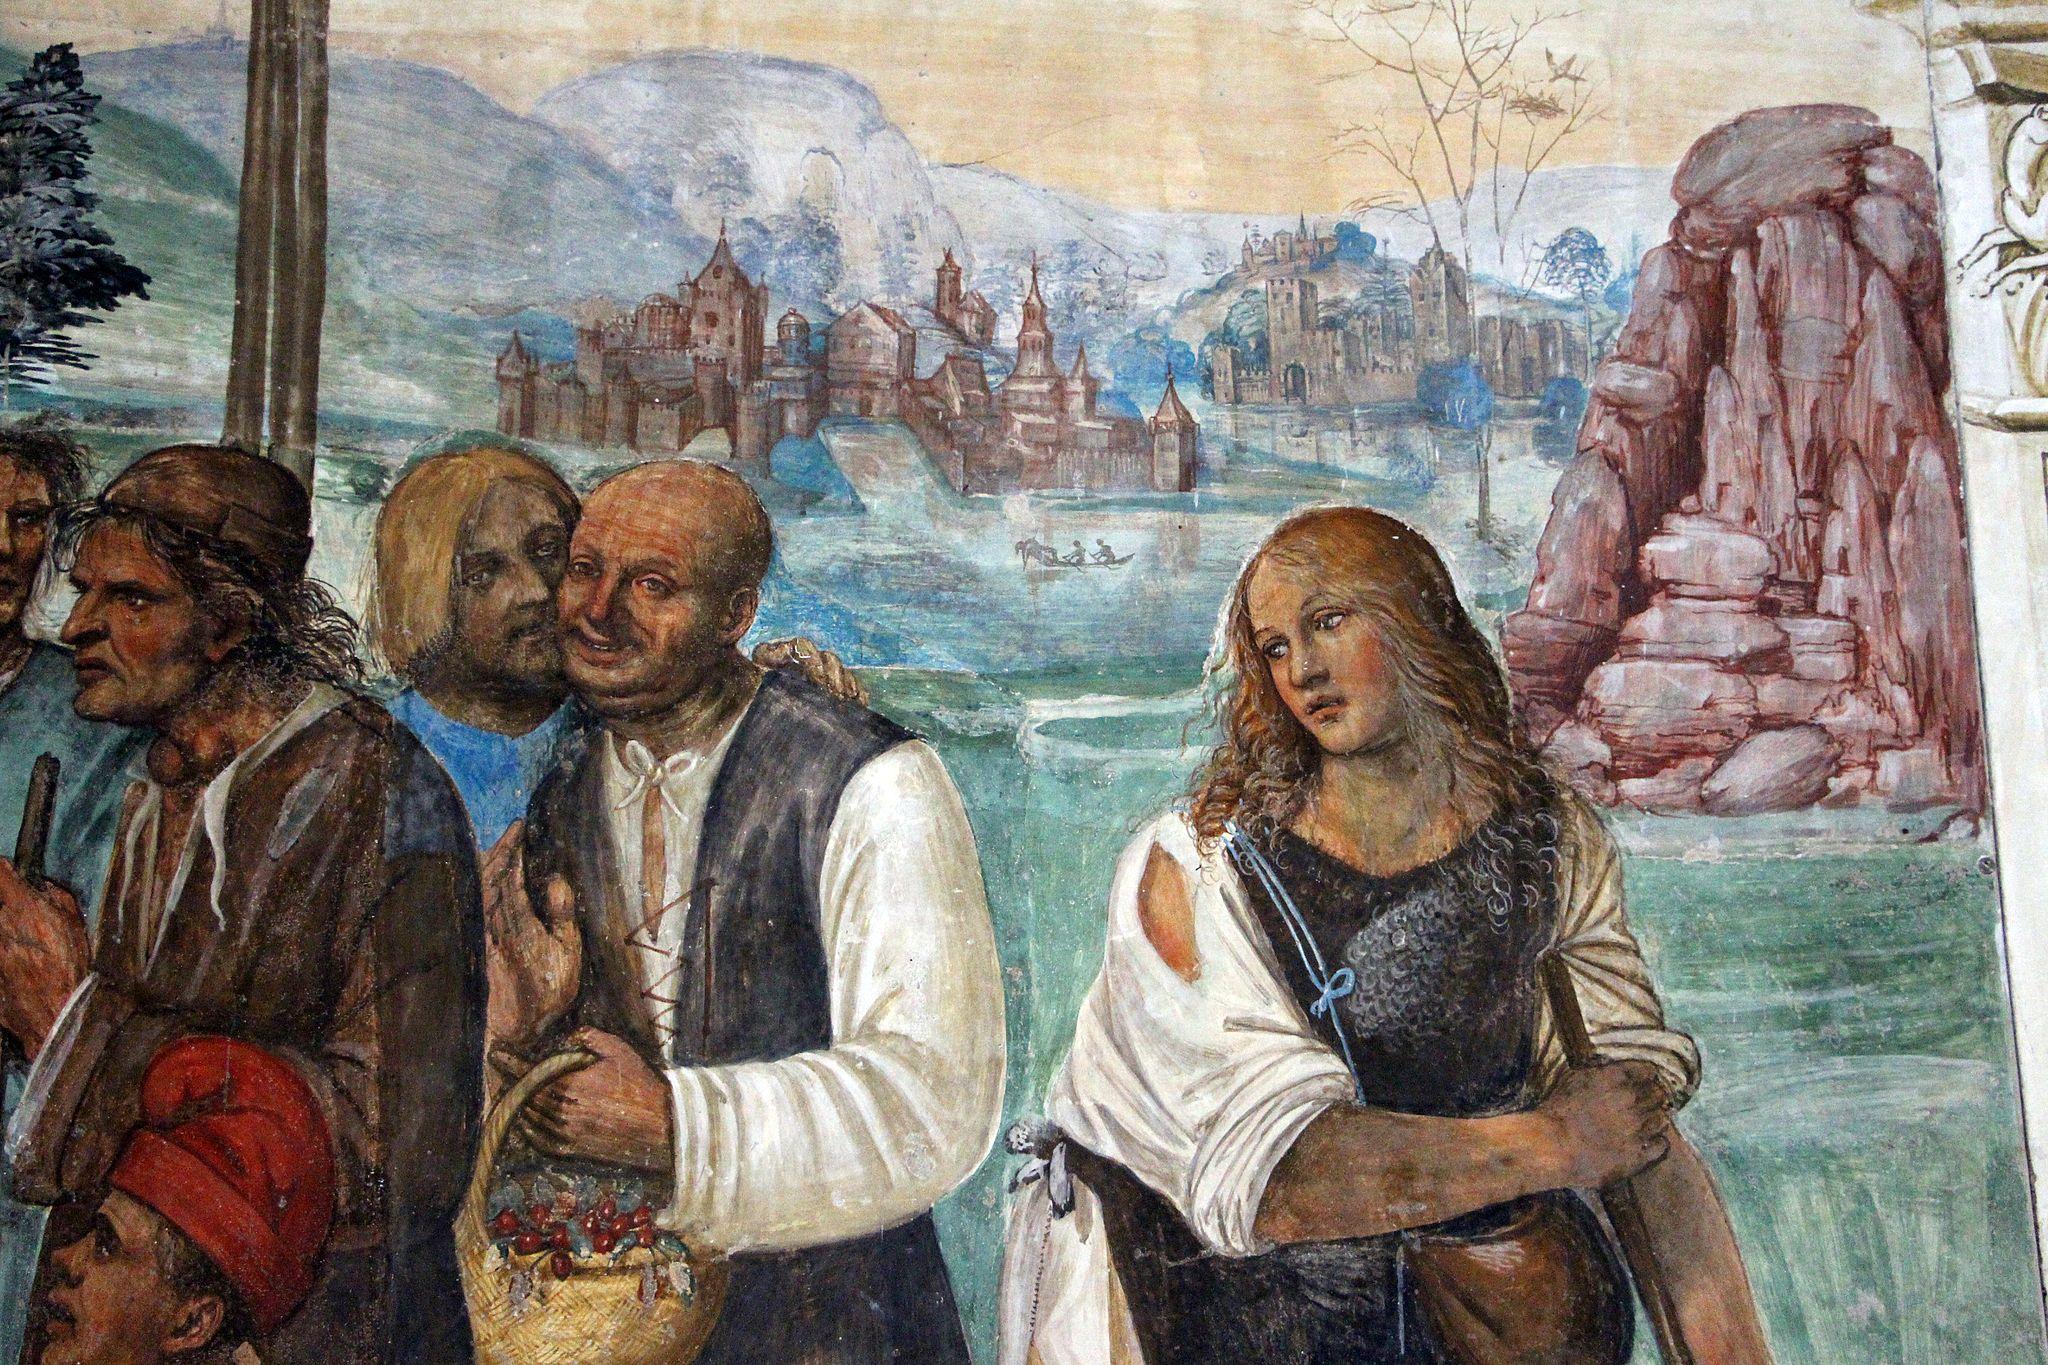 Storie di s. benedetto, 07 sodoma - Come Benedetto ammaestra nella santa dottrina i contadini che lo visitavano 04